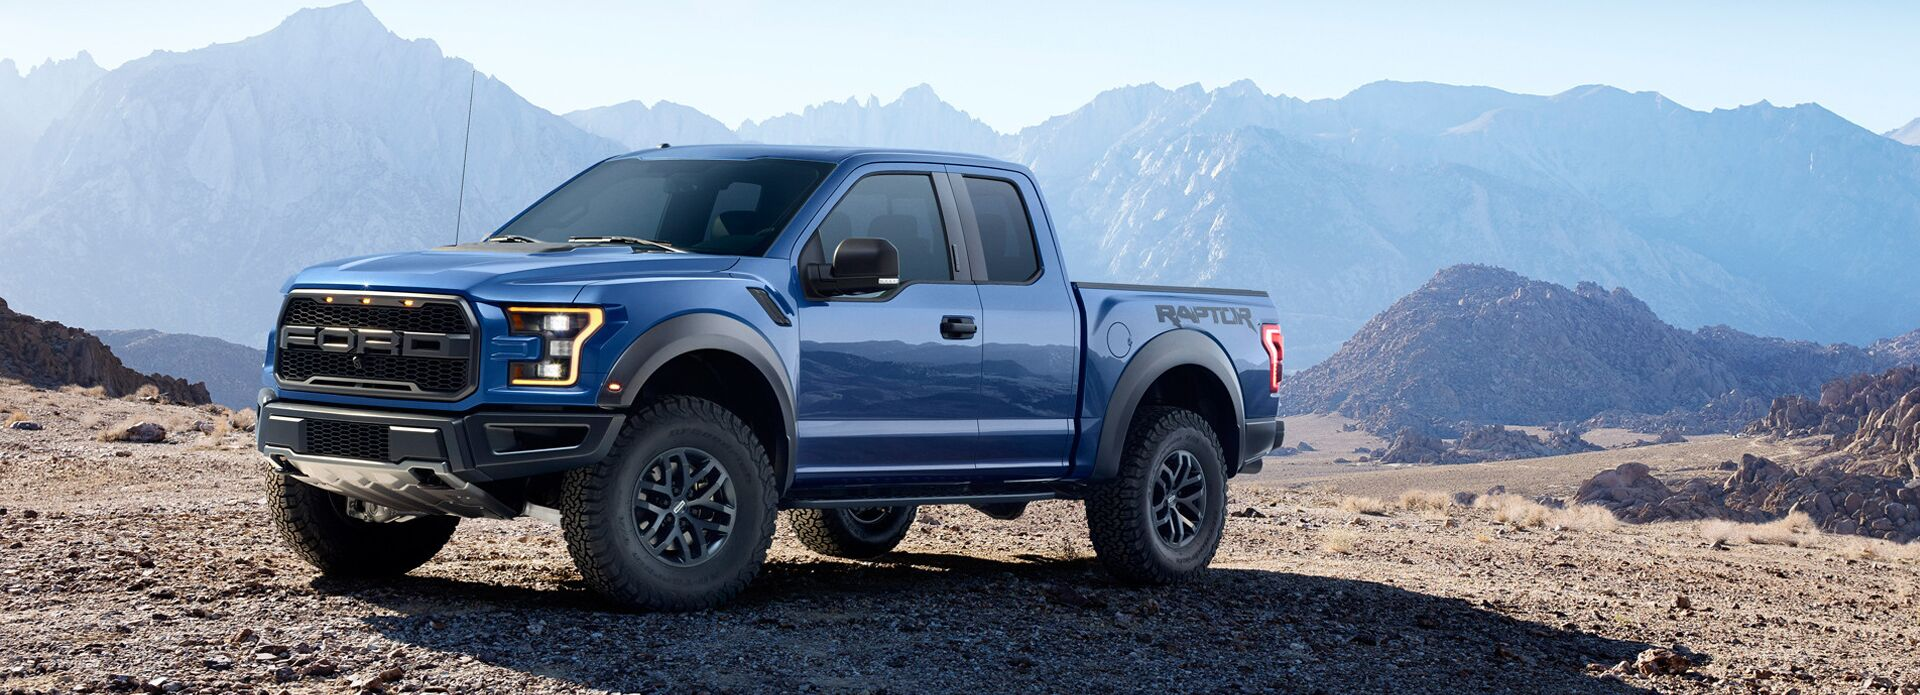 Fillback New & Used Cars & Trucks Dealer Richland Center ...